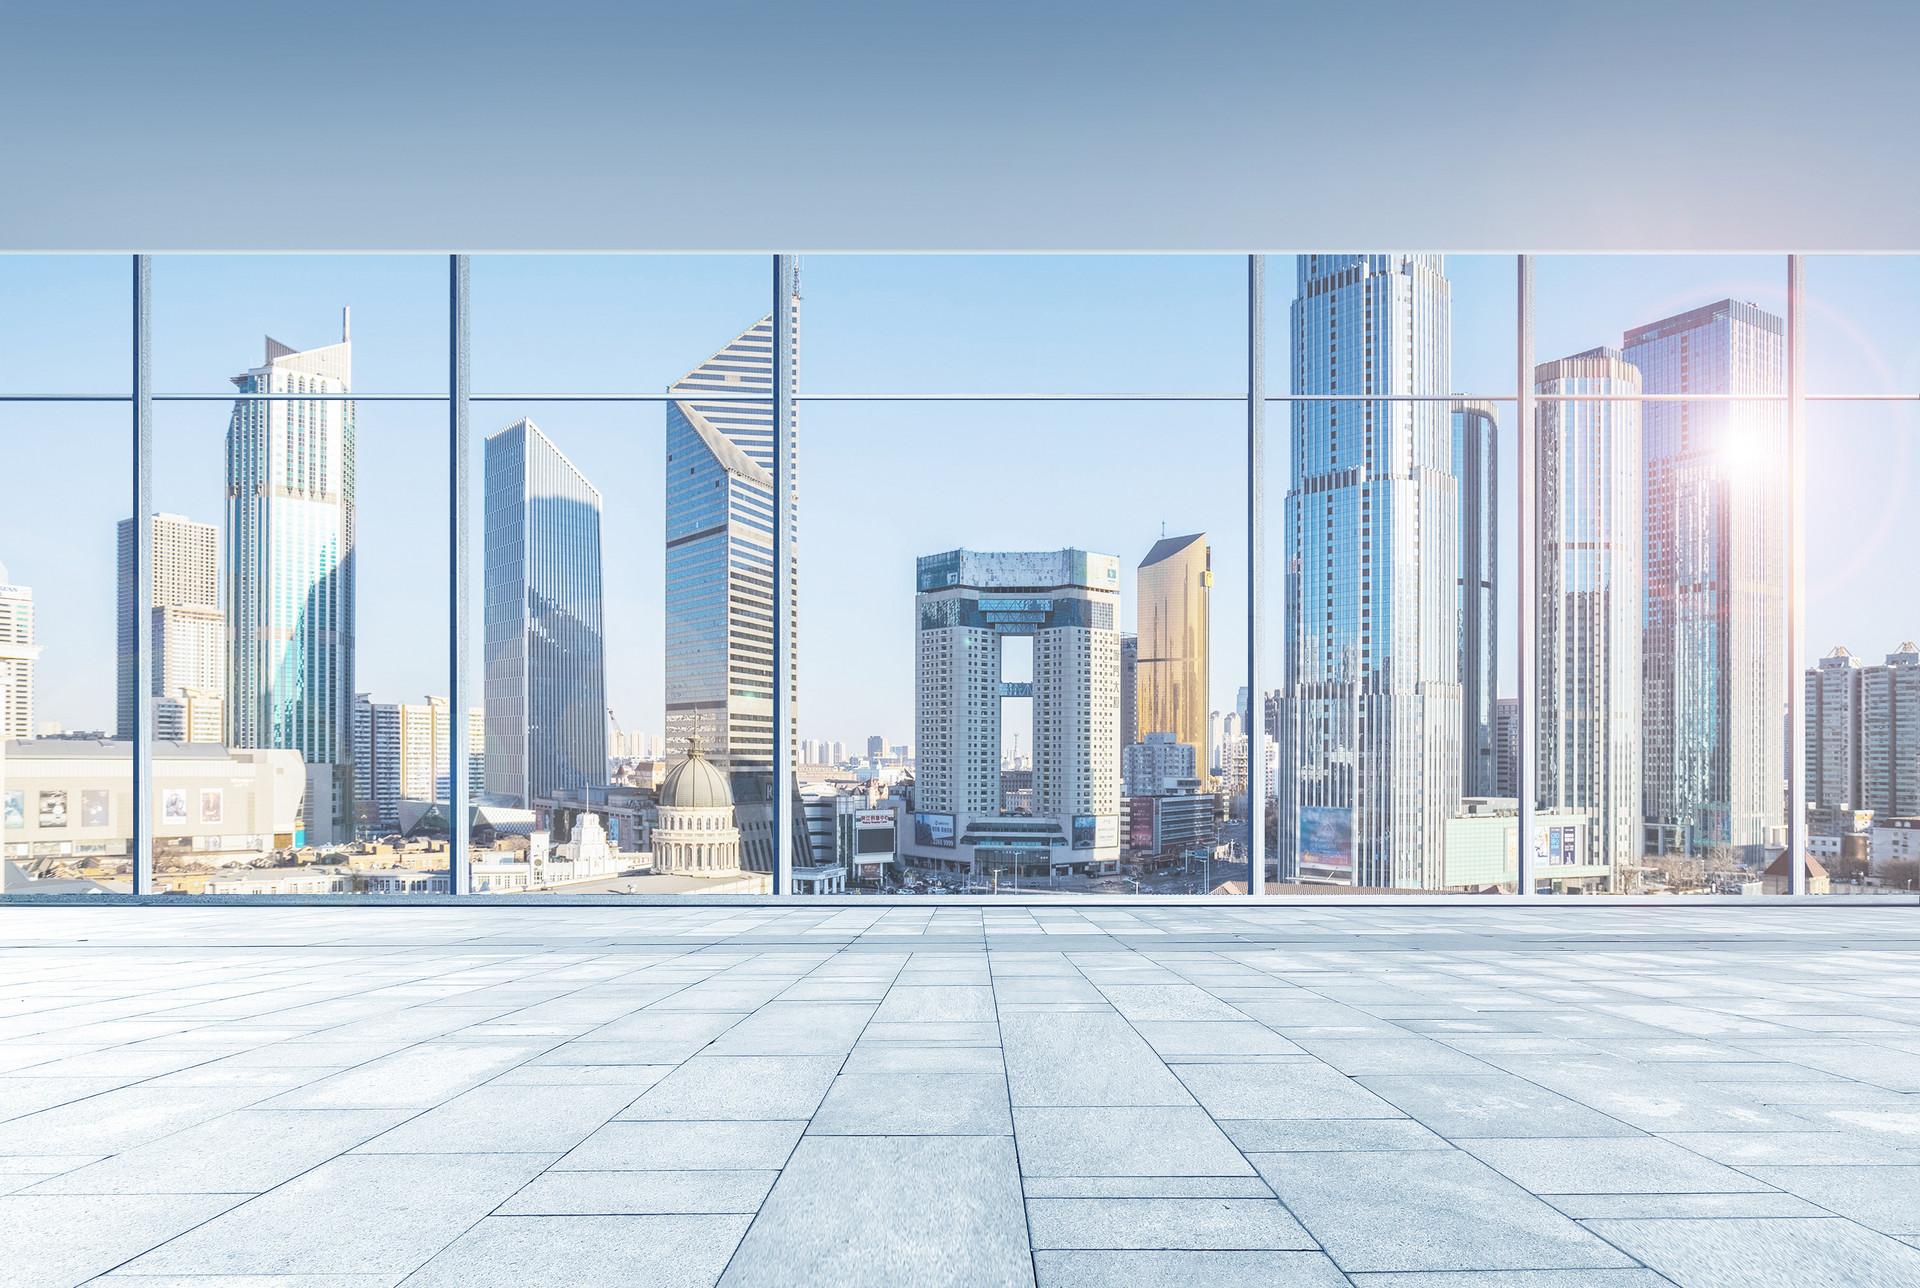 房地产板块活跃 楼市政策将边际改善